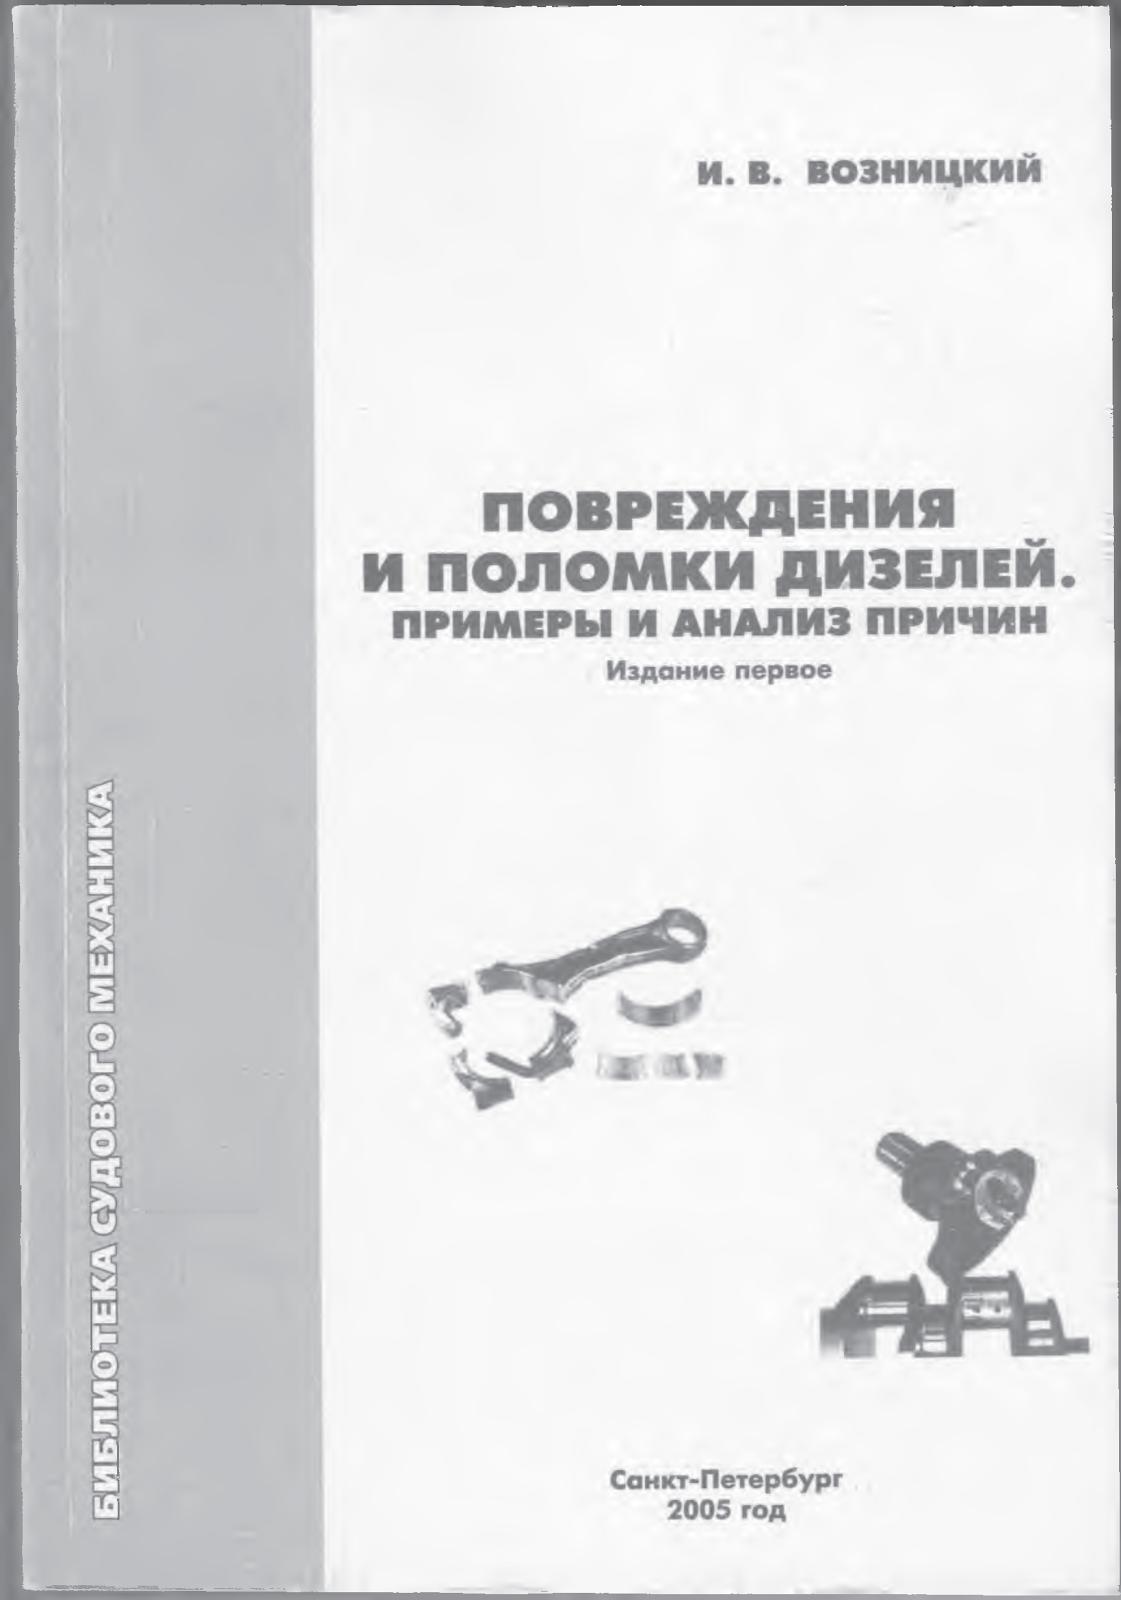 Повреждения и поломки дизелей. Примеры и анализ причин 1е. издание